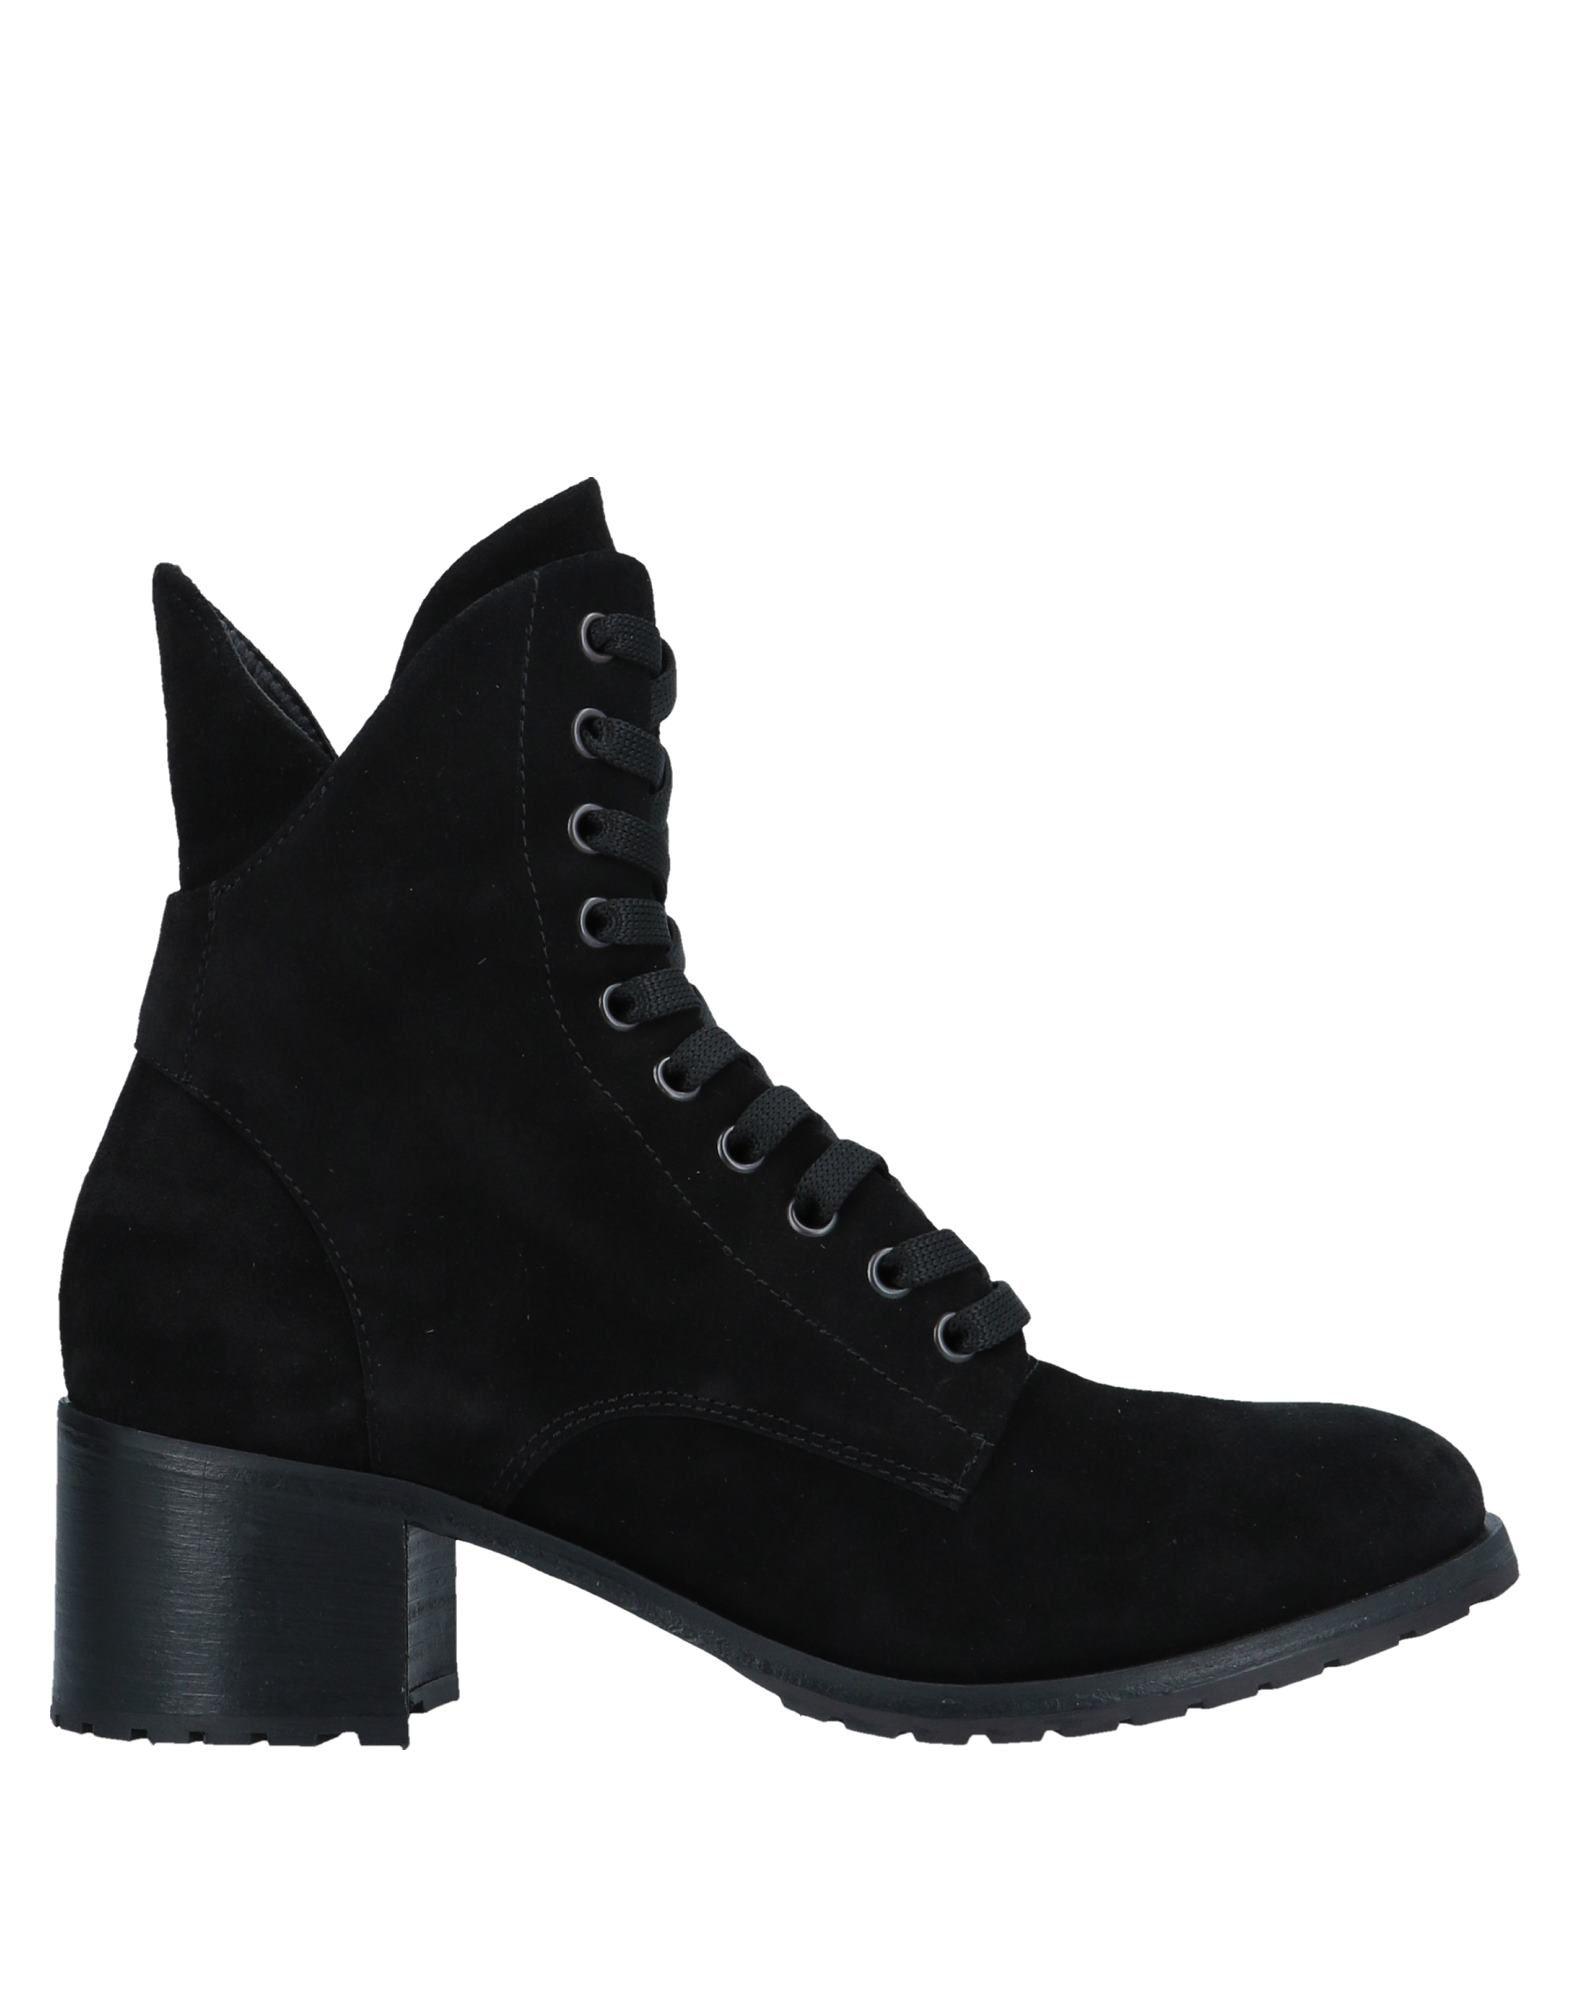 Lemaré Ankle Boot Boots - Women Lemaré Ankle Boots Boot online on  Australia - 11547954HW 8786b2